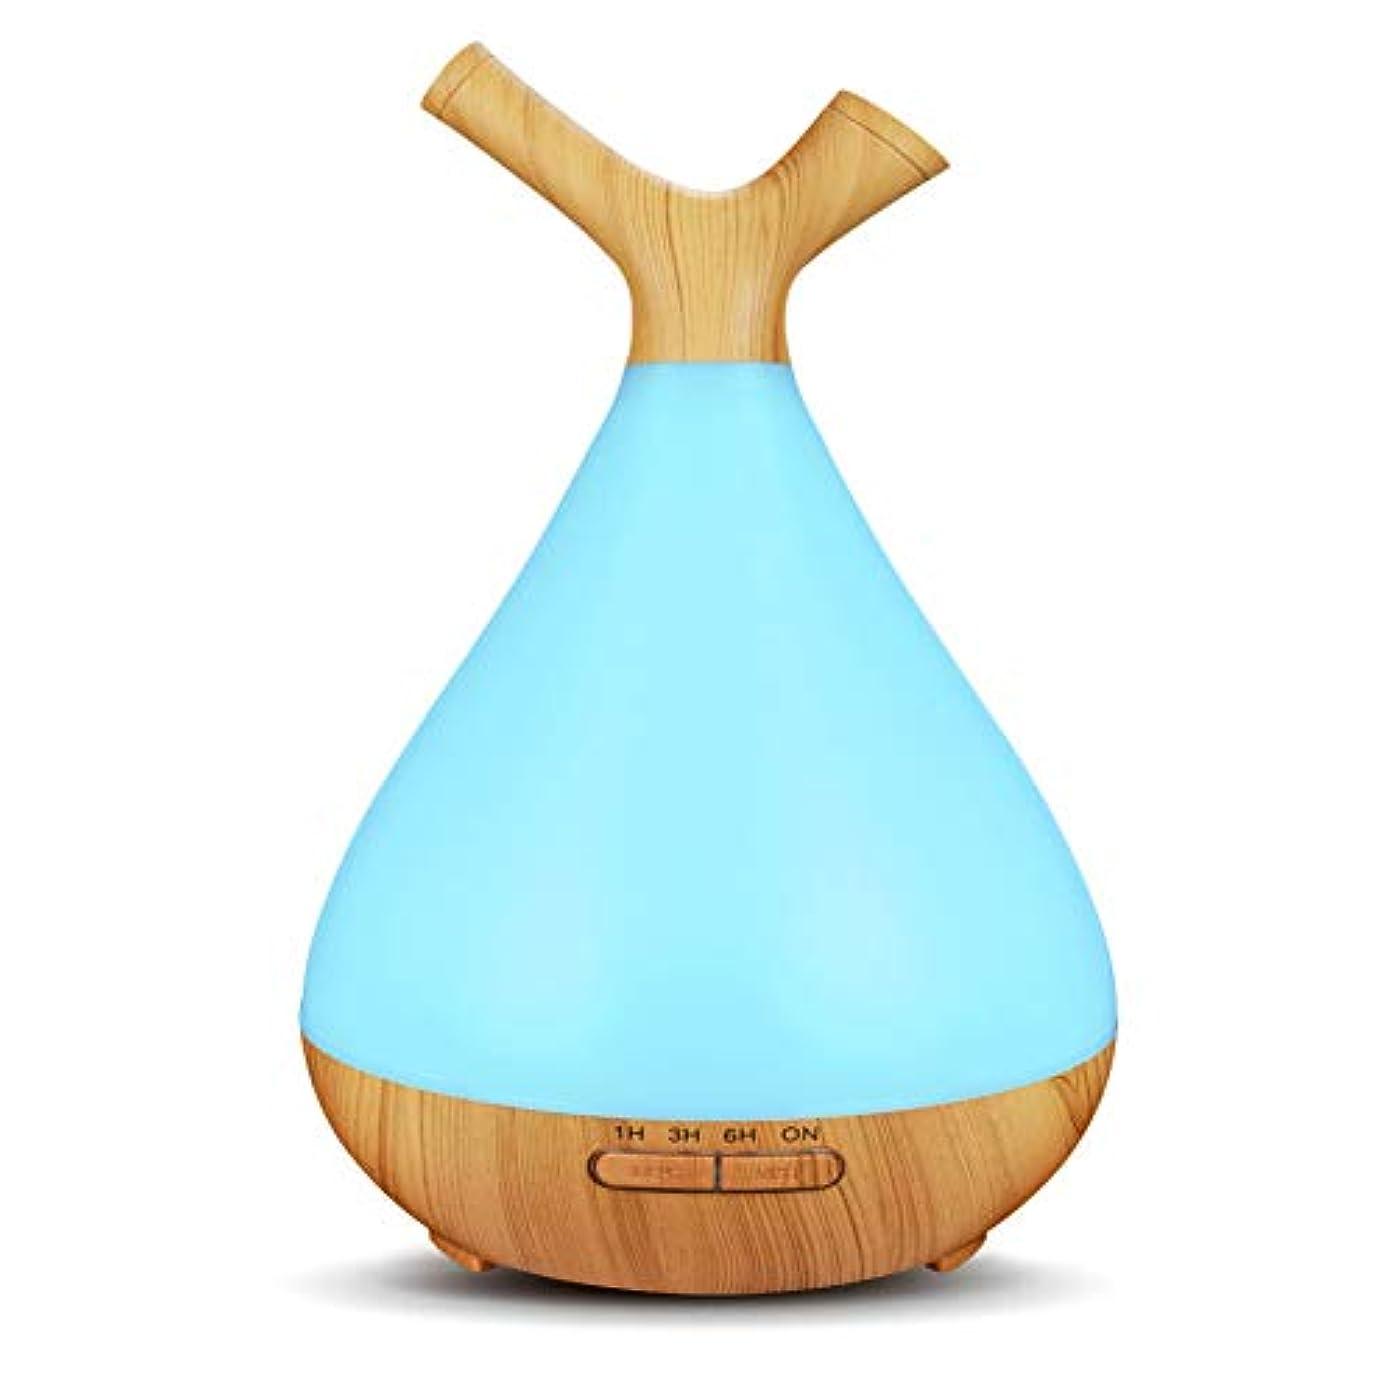 申請中他の場所弾丸木目 2 ノズル 7 色 加湿器,涼しい霧 時間 加湿機 調整可能 香り 精油 ディフューザー 空気を浄化 オフィス ベッド- 400ml